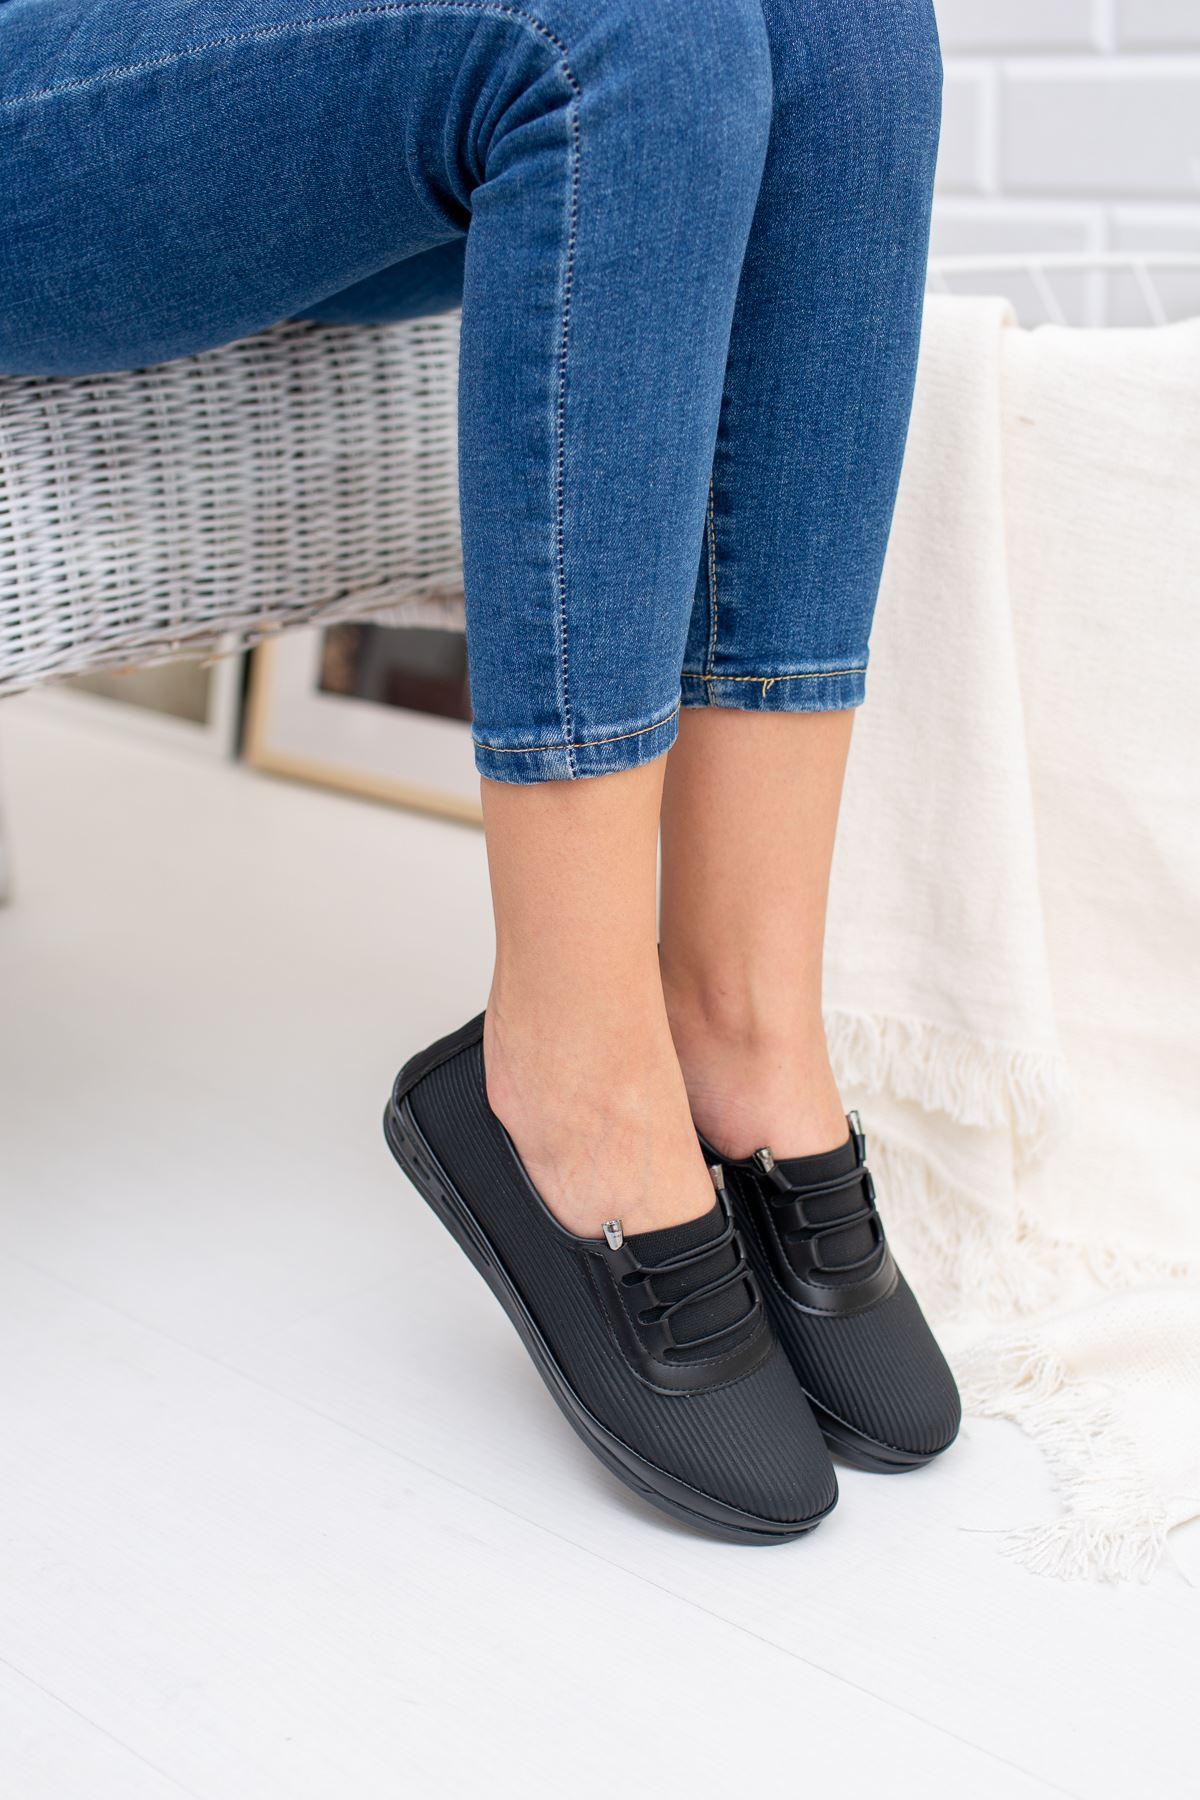 Ortapedik Pedli Siyah Ayakkabı